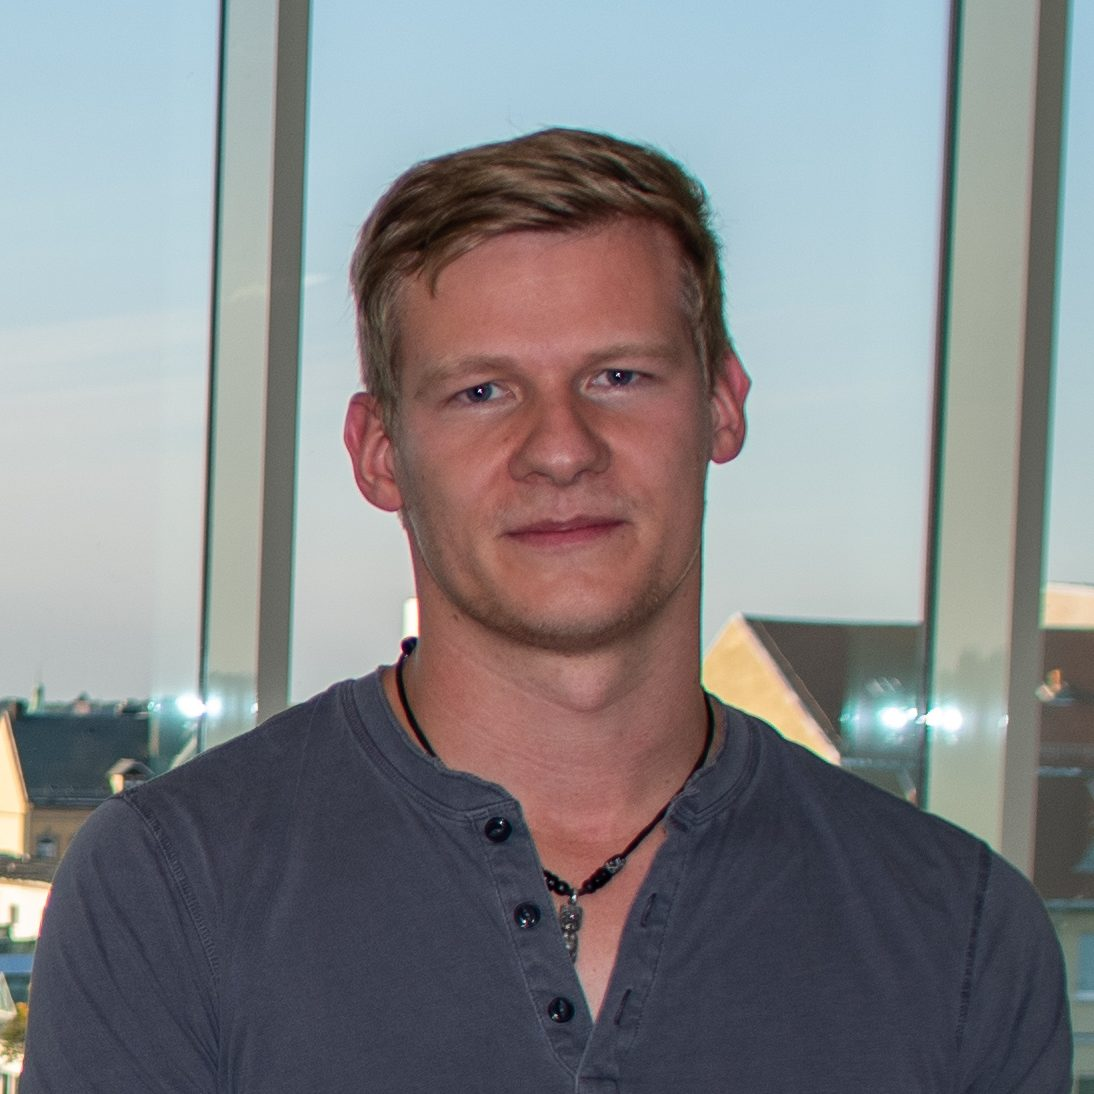 Clemens Glaser